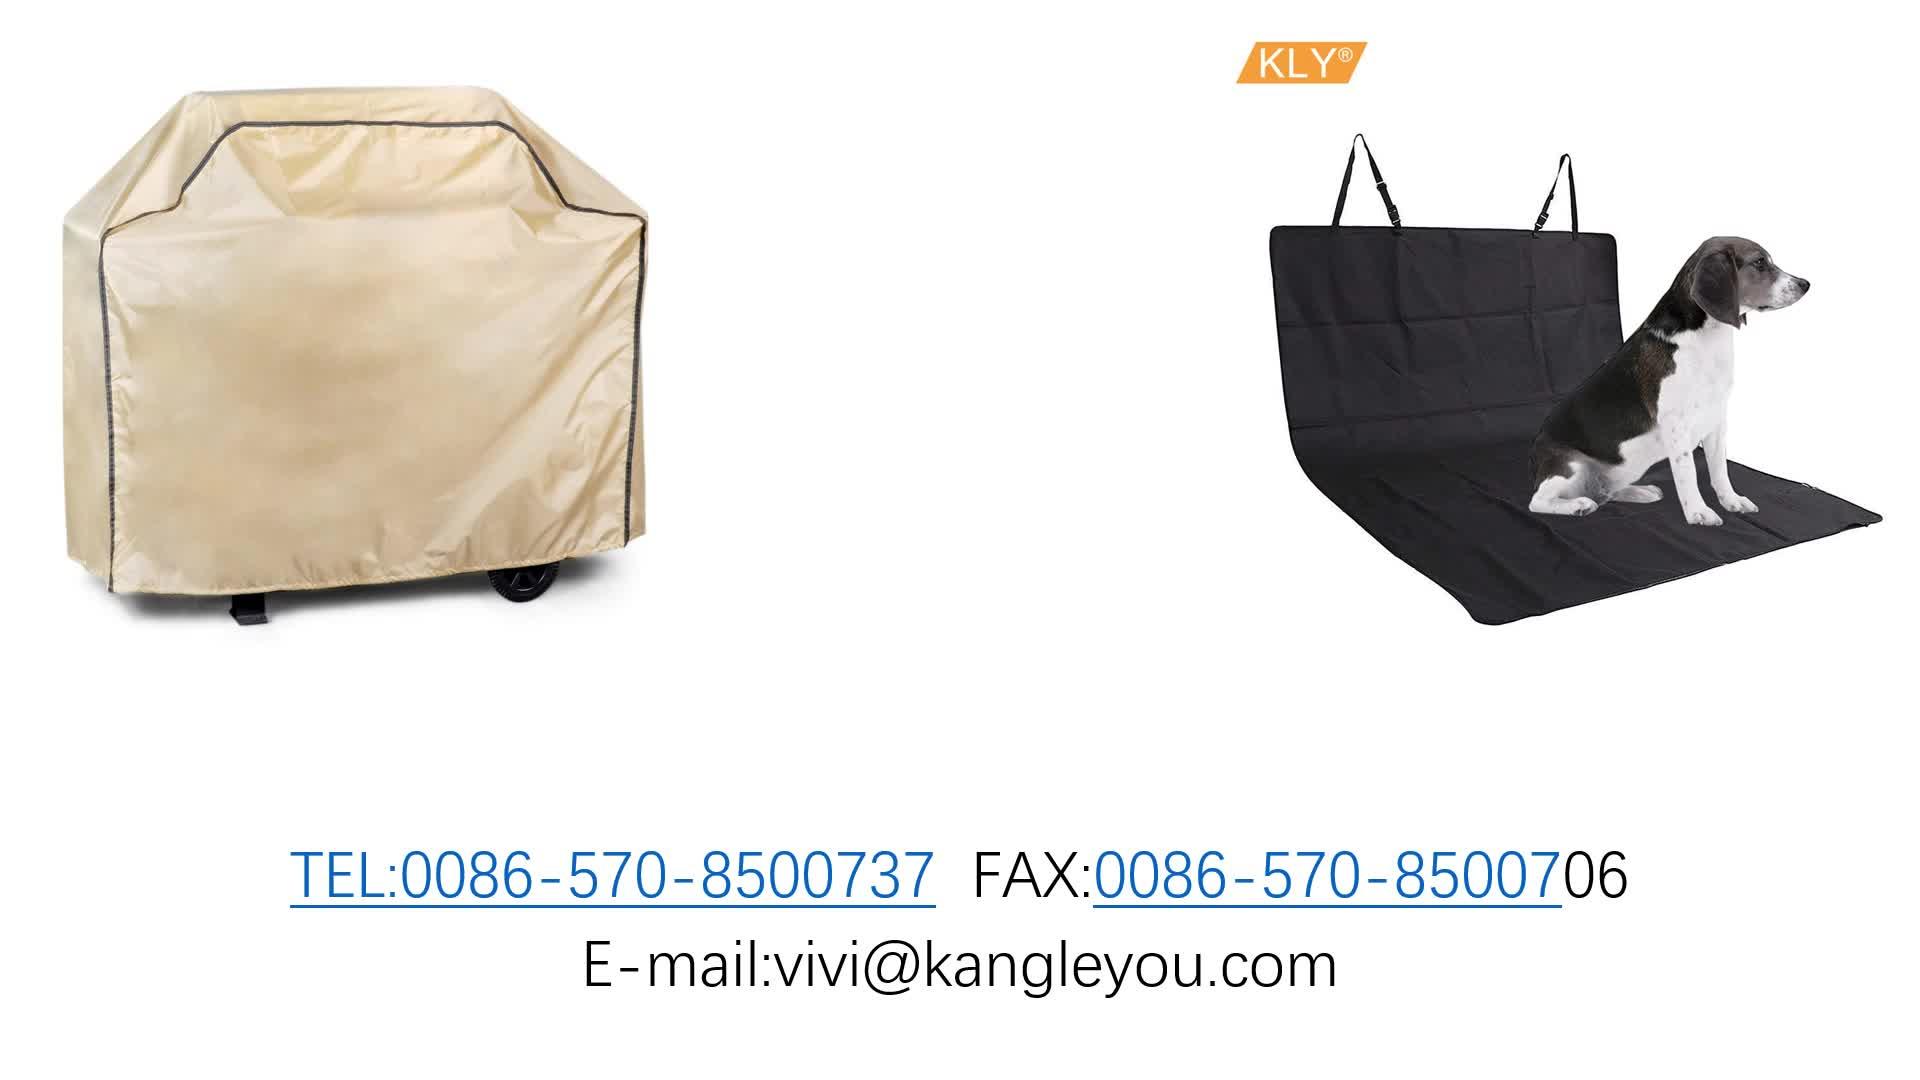 Outdoor Beste Custom Uv-bestendig Waterdicht stofdicht Auto Cover Voor Koop zon auto regenhoes vouwen garage auto cover